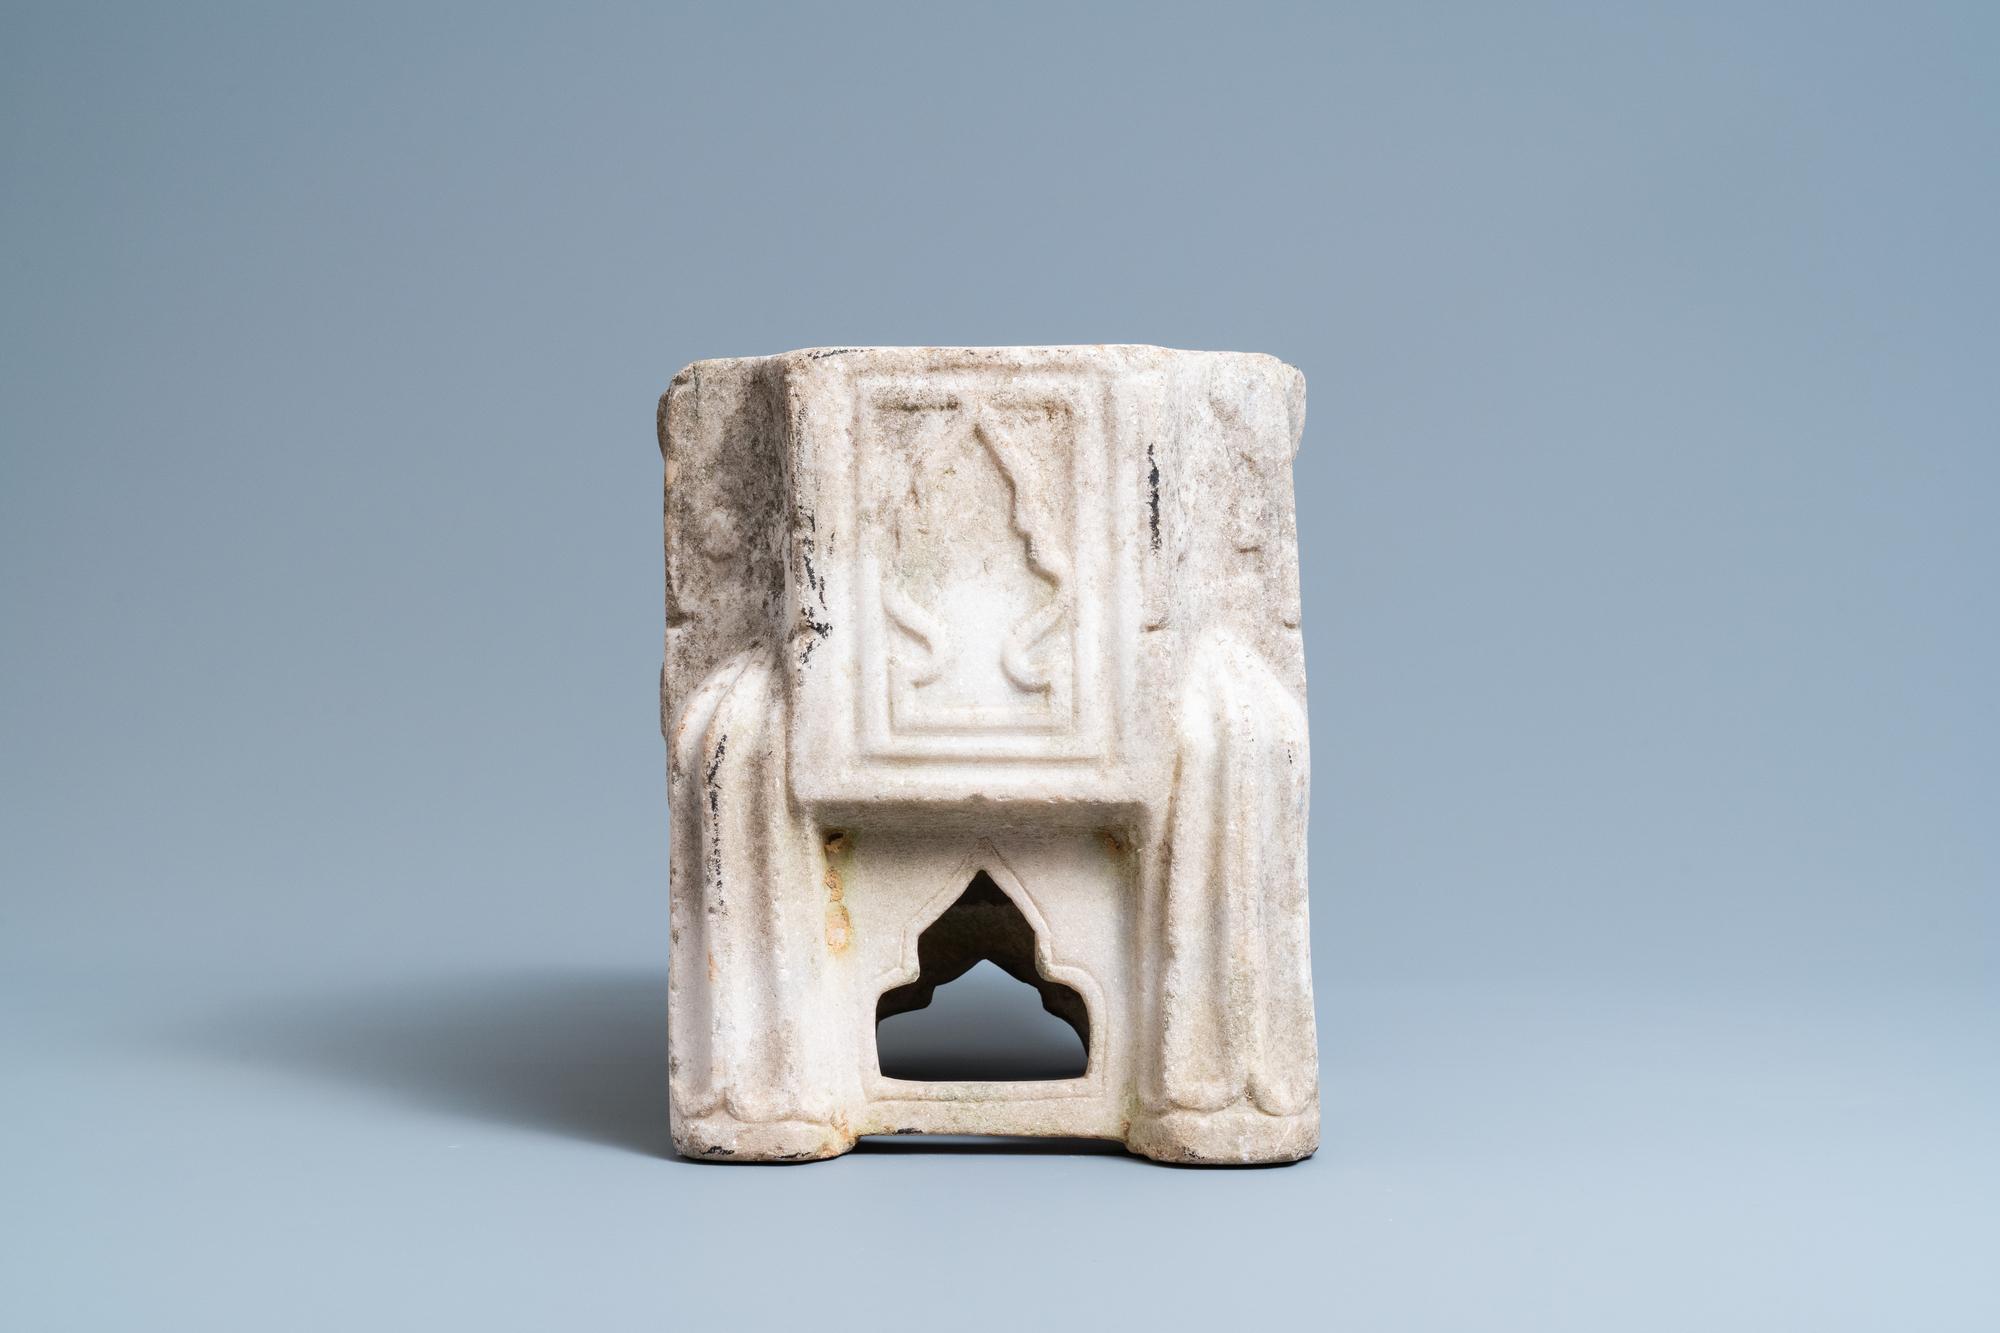 A Fatimid marble kilga, Egypt, 11/12th C. - Image 3 of 7